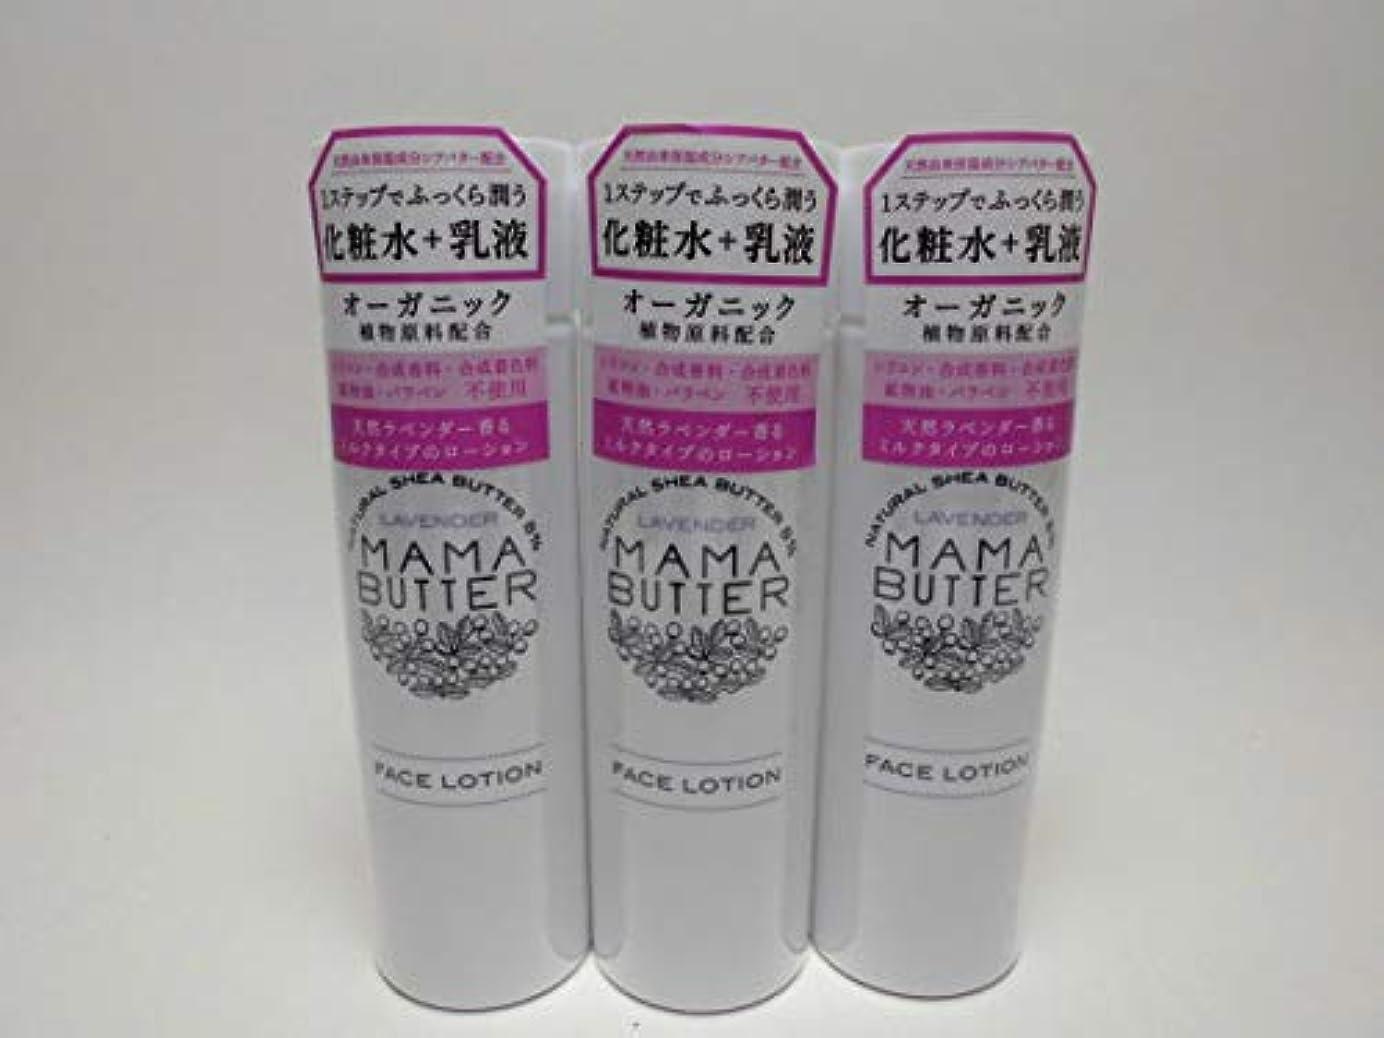 紫の殺人者メッセンジャー【3個セット】ママバター 化粧水 フェイスローション 200ml 定価1620円